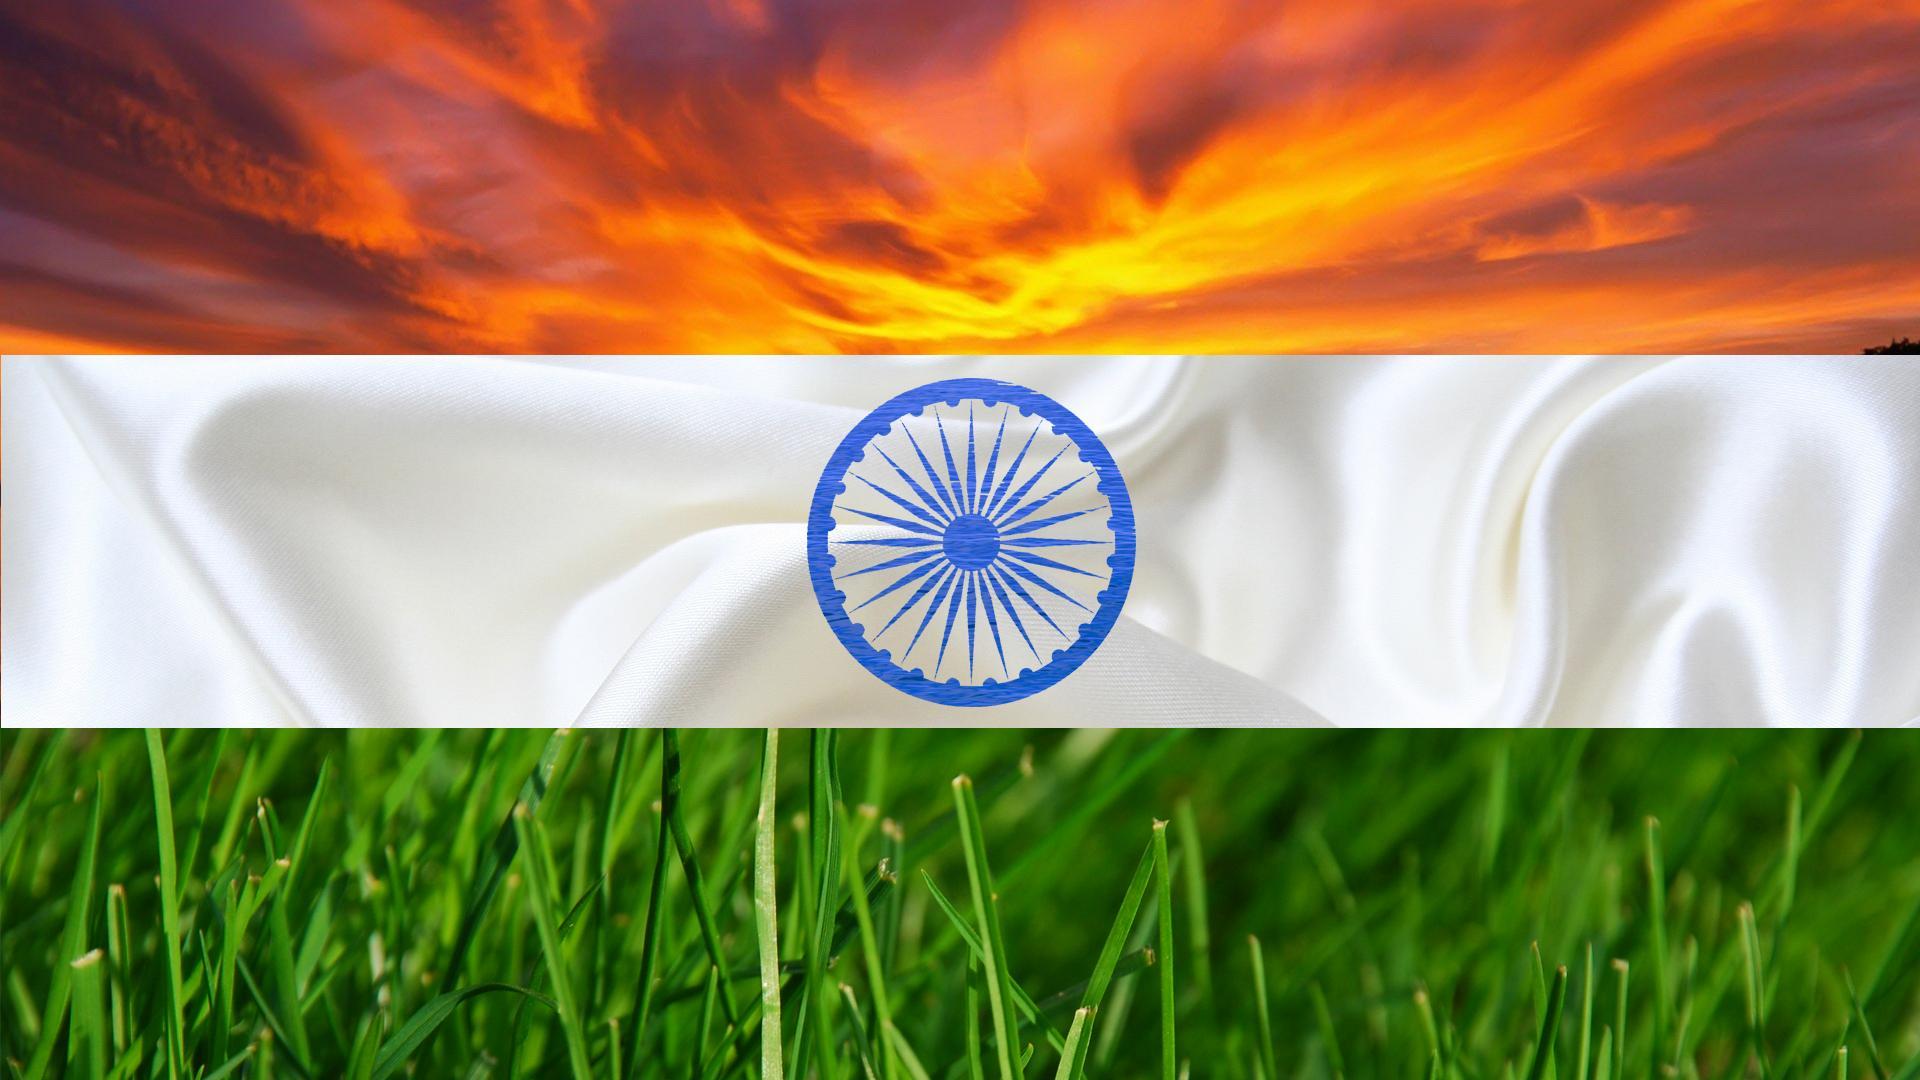 India Flag Wallpaper Download Desktop Wallpaper Images 1920x1080